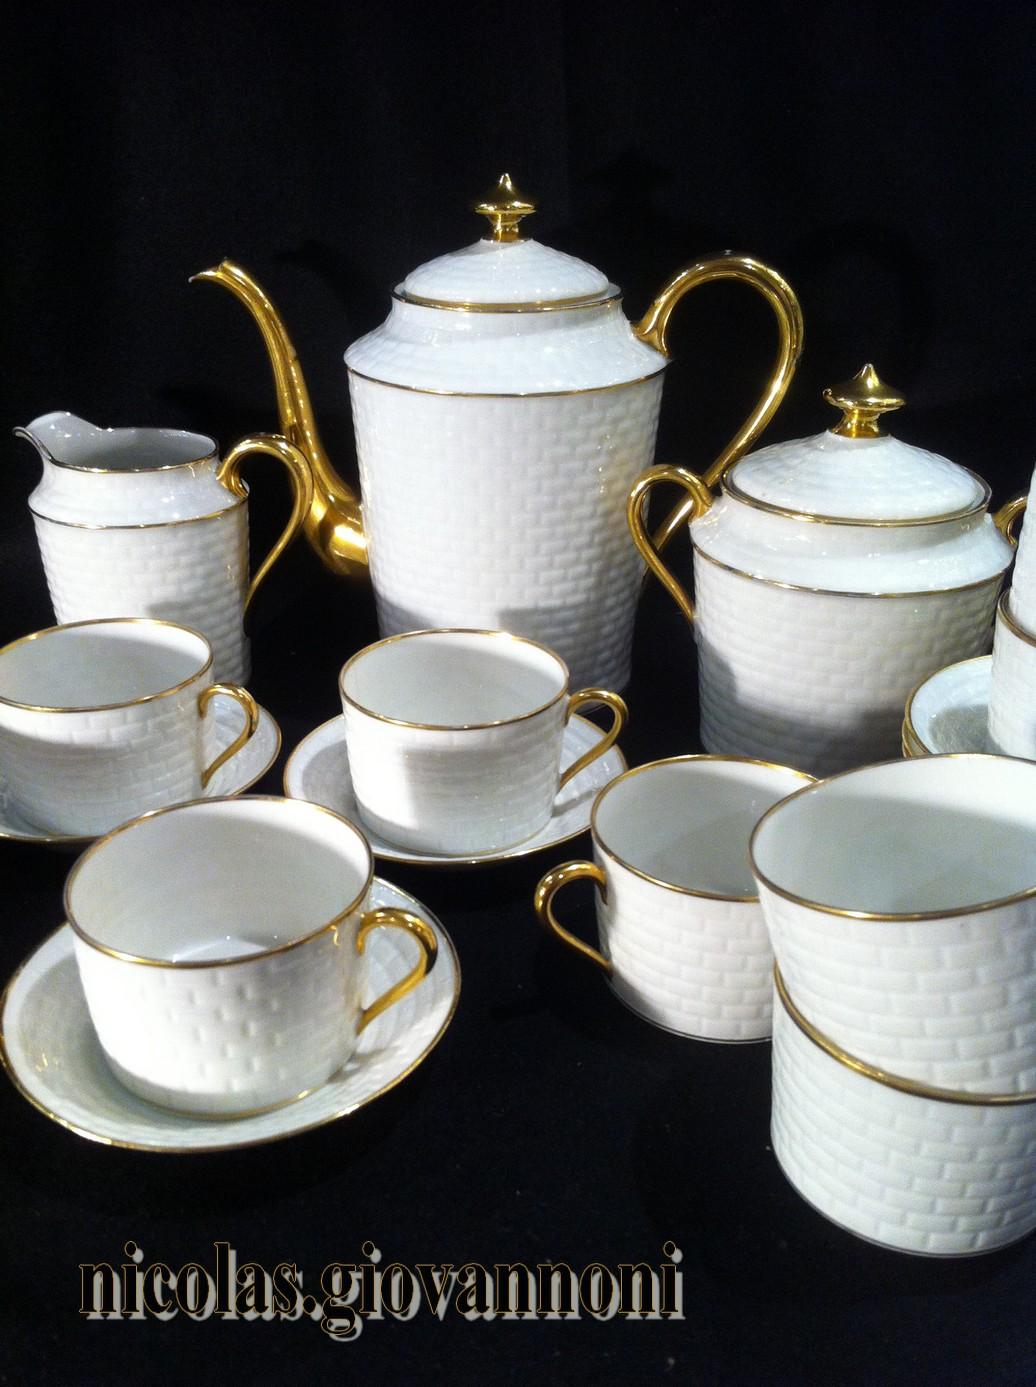 service th 1910 m tro parisien legrand limoges porcelaine catalogue cristal de. Black Bedroom Furniture Sets. Home Design Ideas